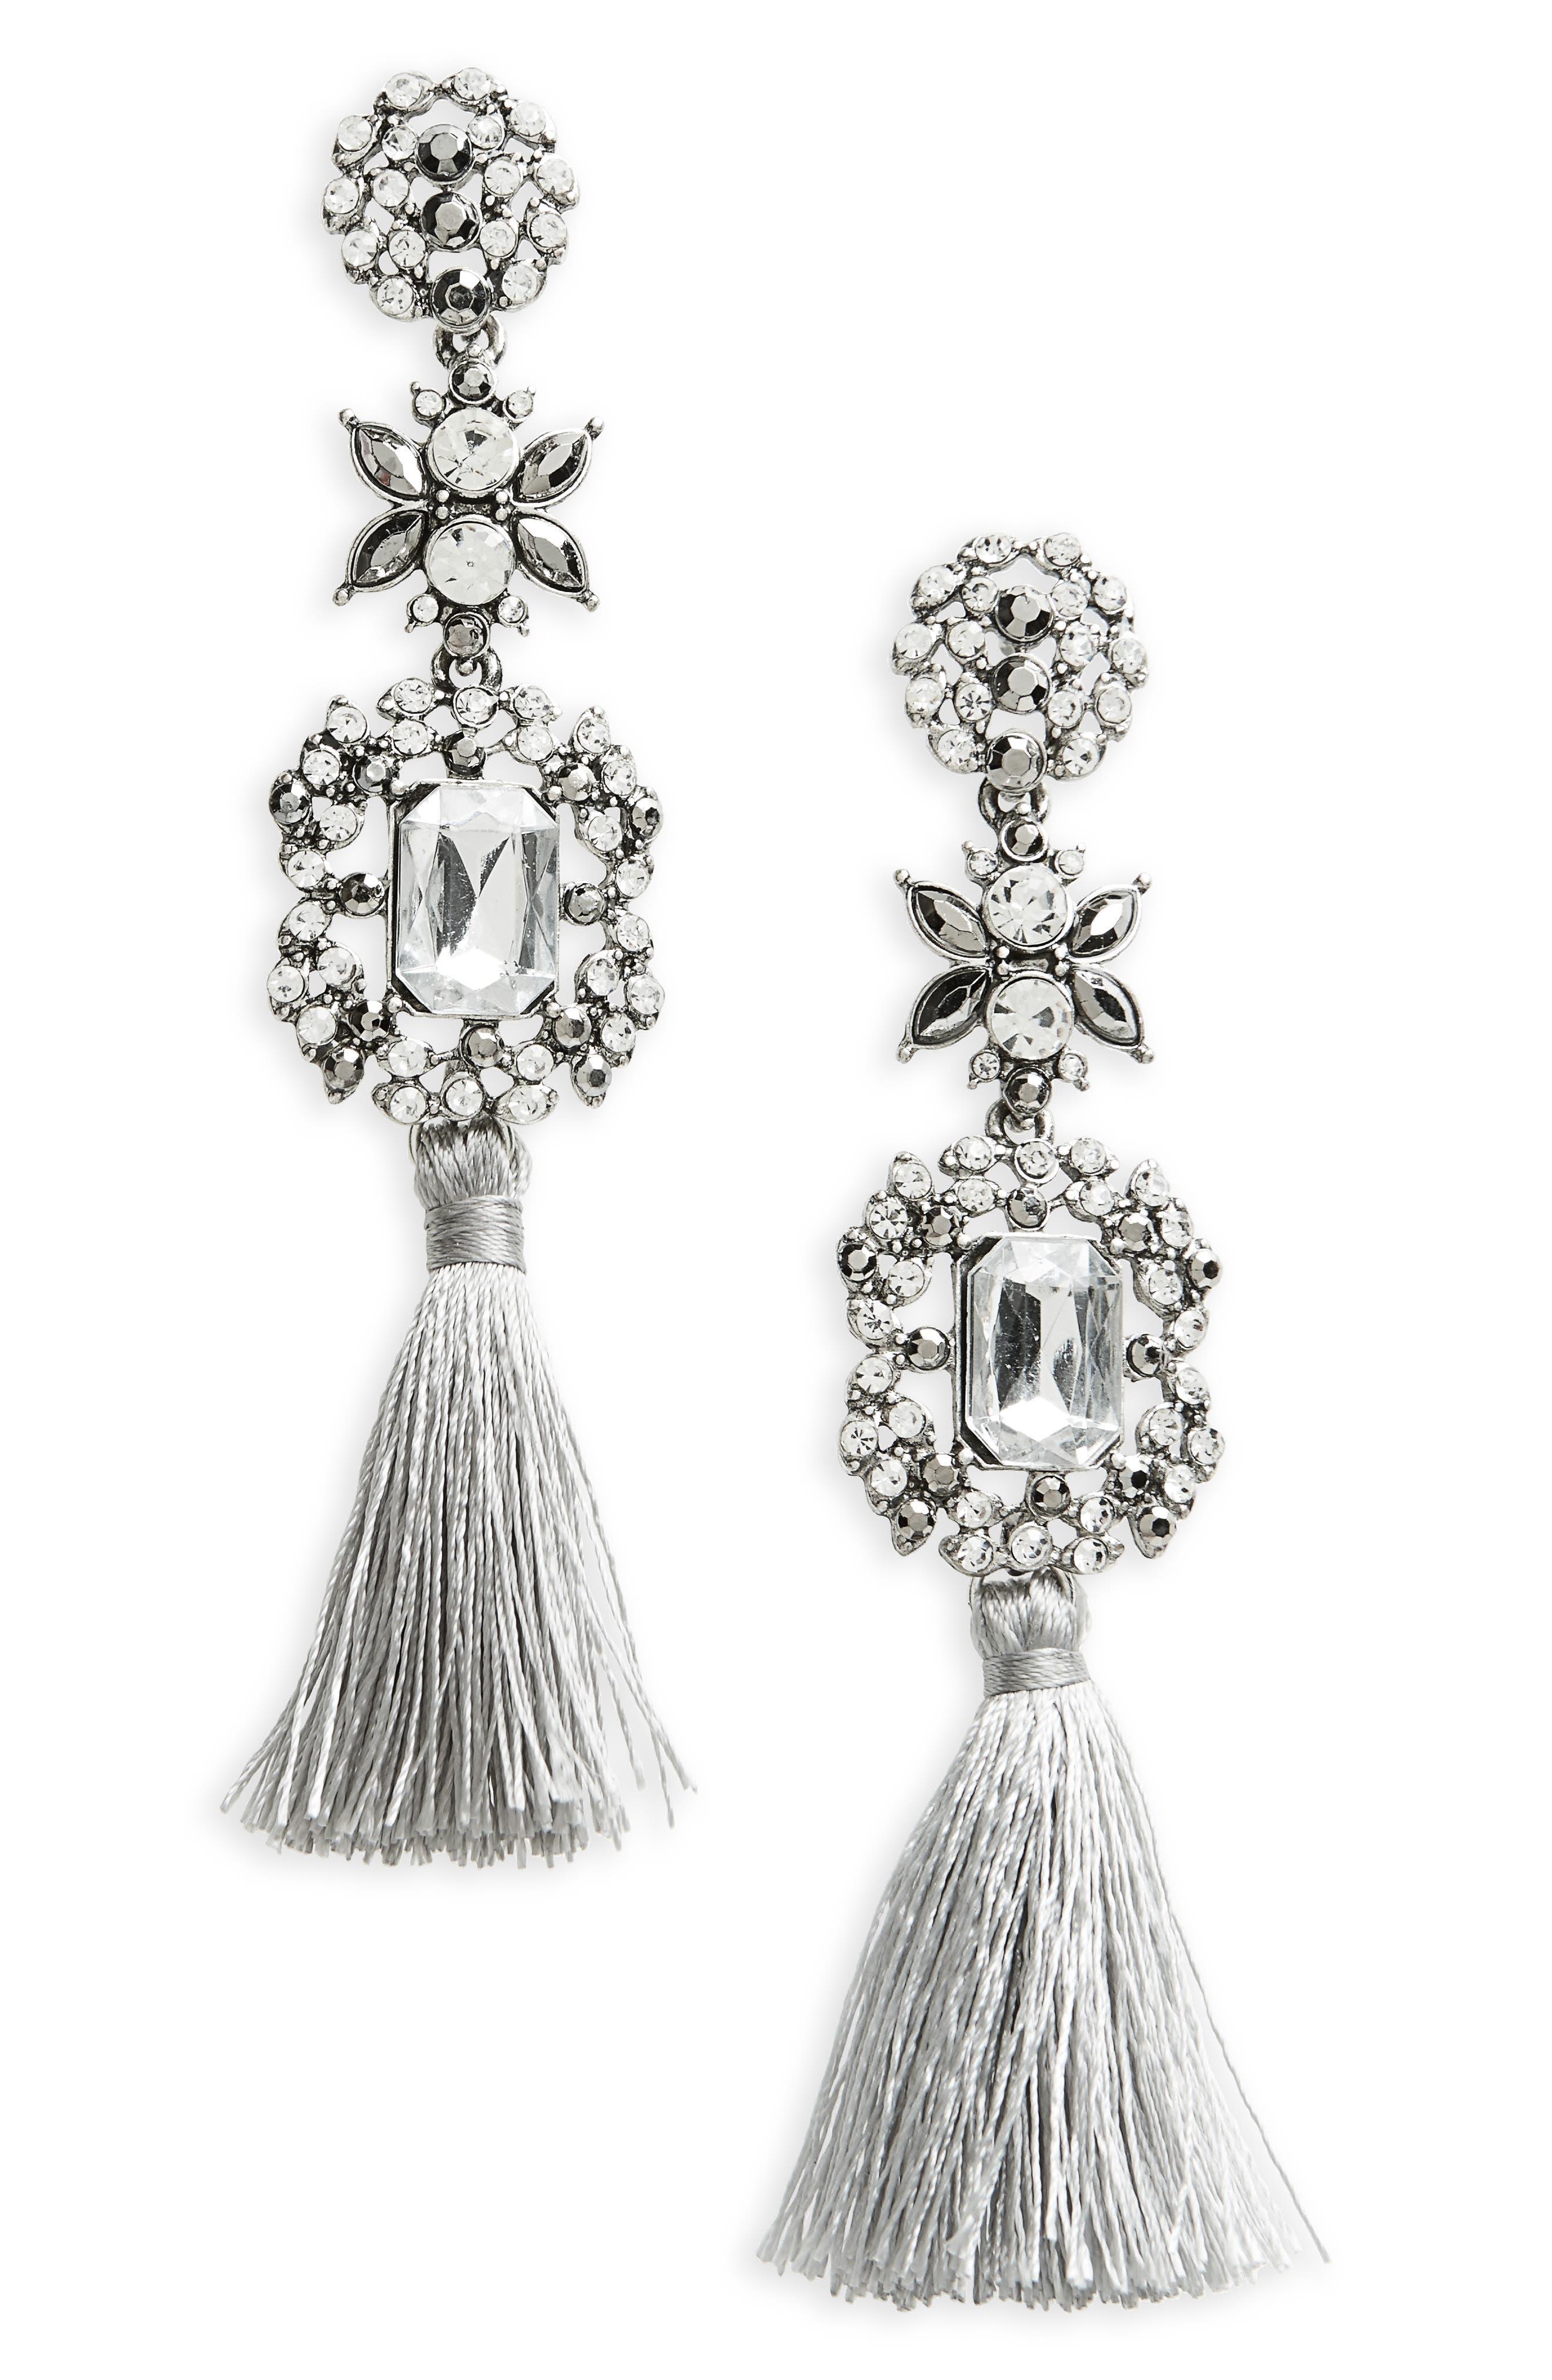 Crystal Tassel Drop Earrings,                             Main thumbnail 1, color,                             000